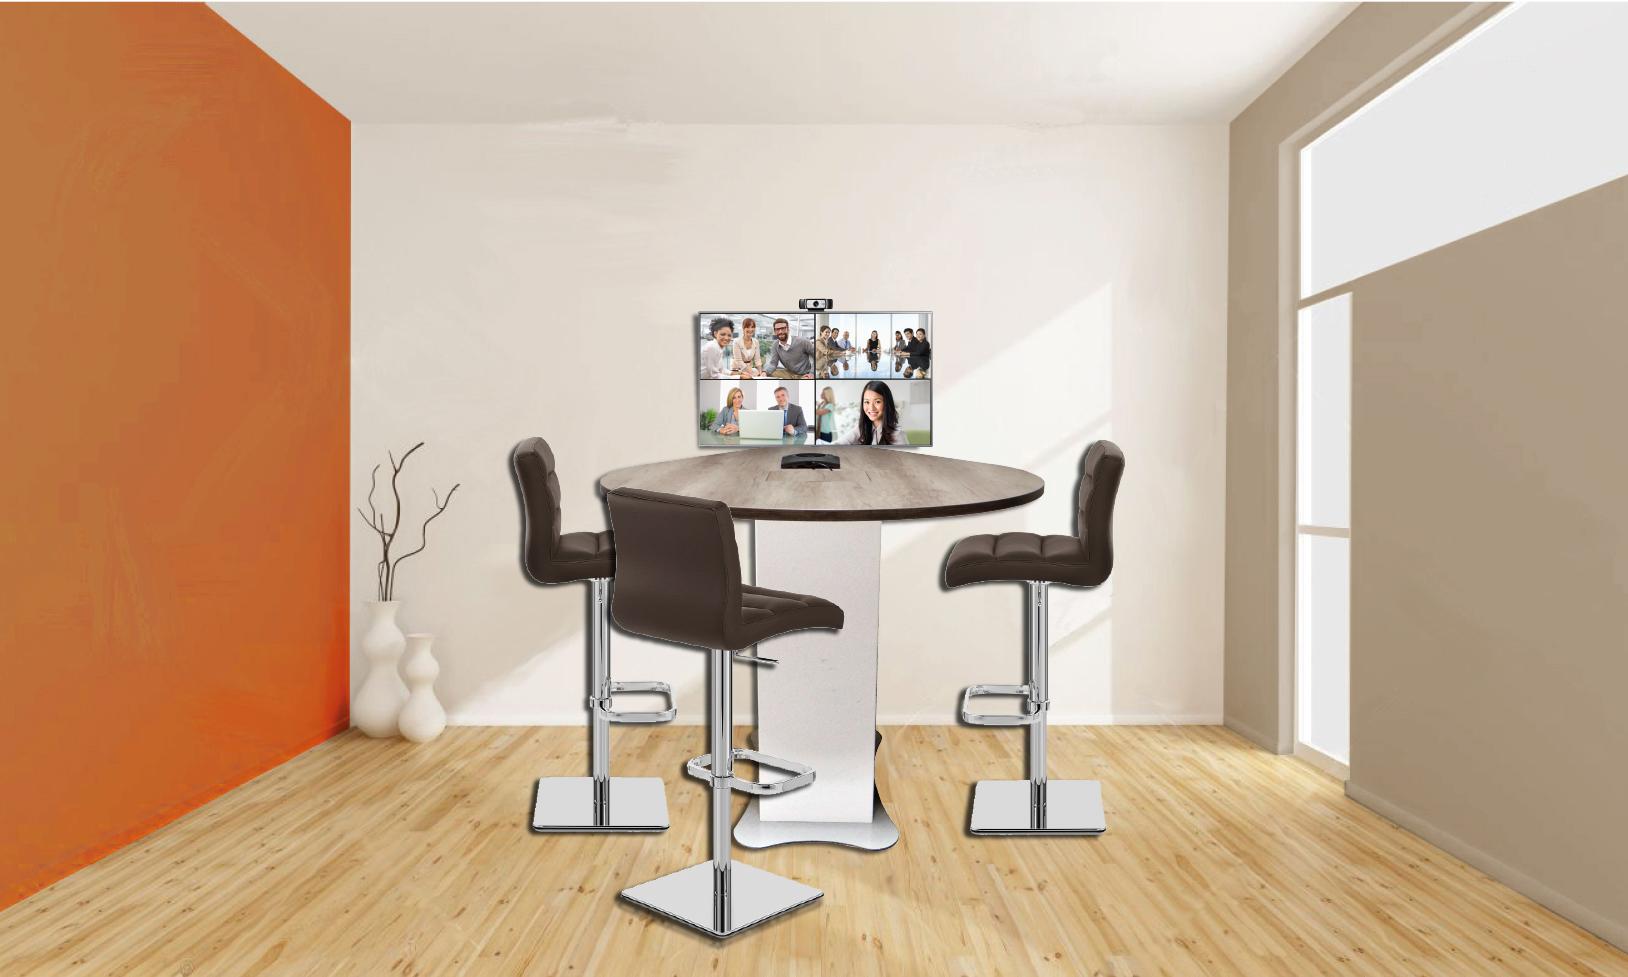 TABLE DE REUNION L 1900 x l 1300 x H 750 mm plateau mélaminé HR 25mm + support moniteur + Webcam + Hub USB + Chat 150 + Ecran 43´´ + câbles